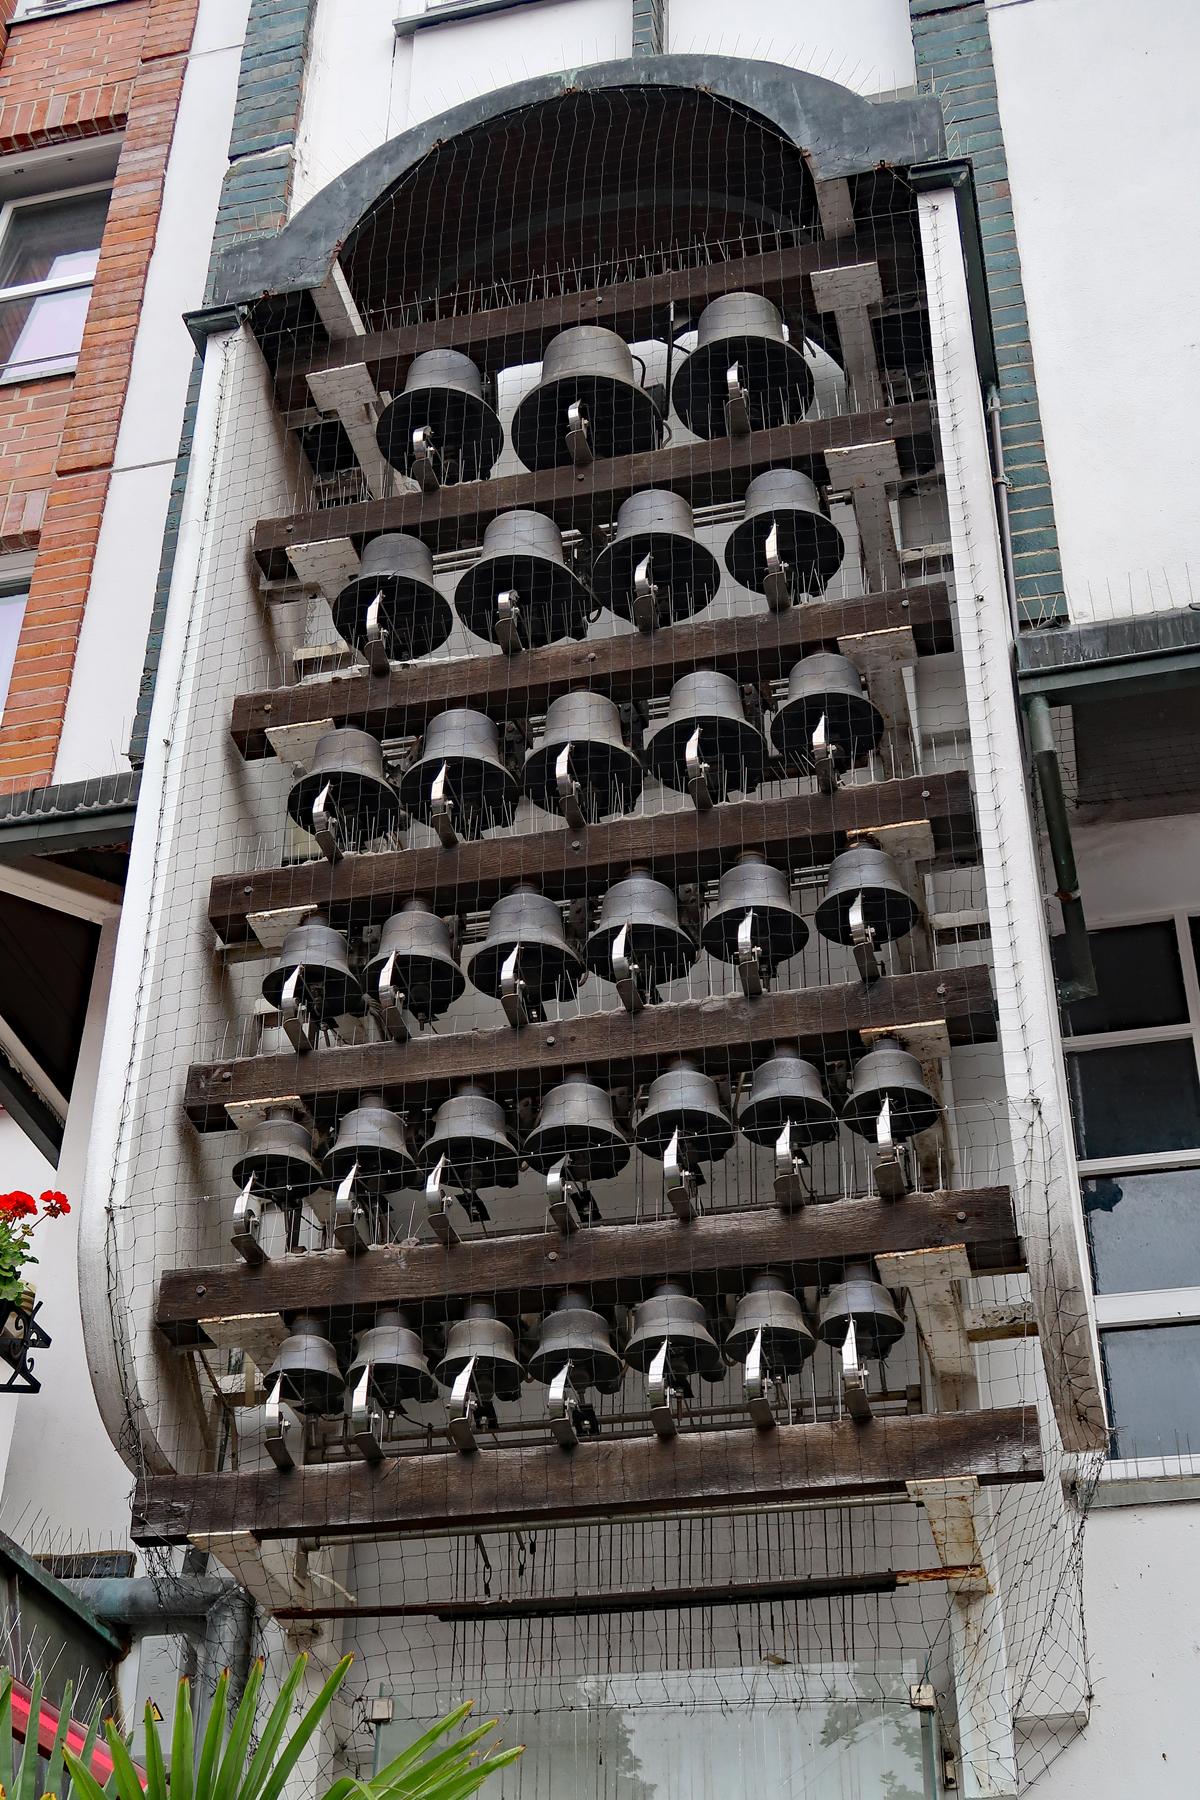 ..Das Glockenspiel im Fünfgiebelhaus ist jeden Samstag von 12:00 Uhr bis 12:30 Uhr zu hören und staunen. Die 32 Glocken sind aus Bronze gegossen. (Muss man gesehen haben)..